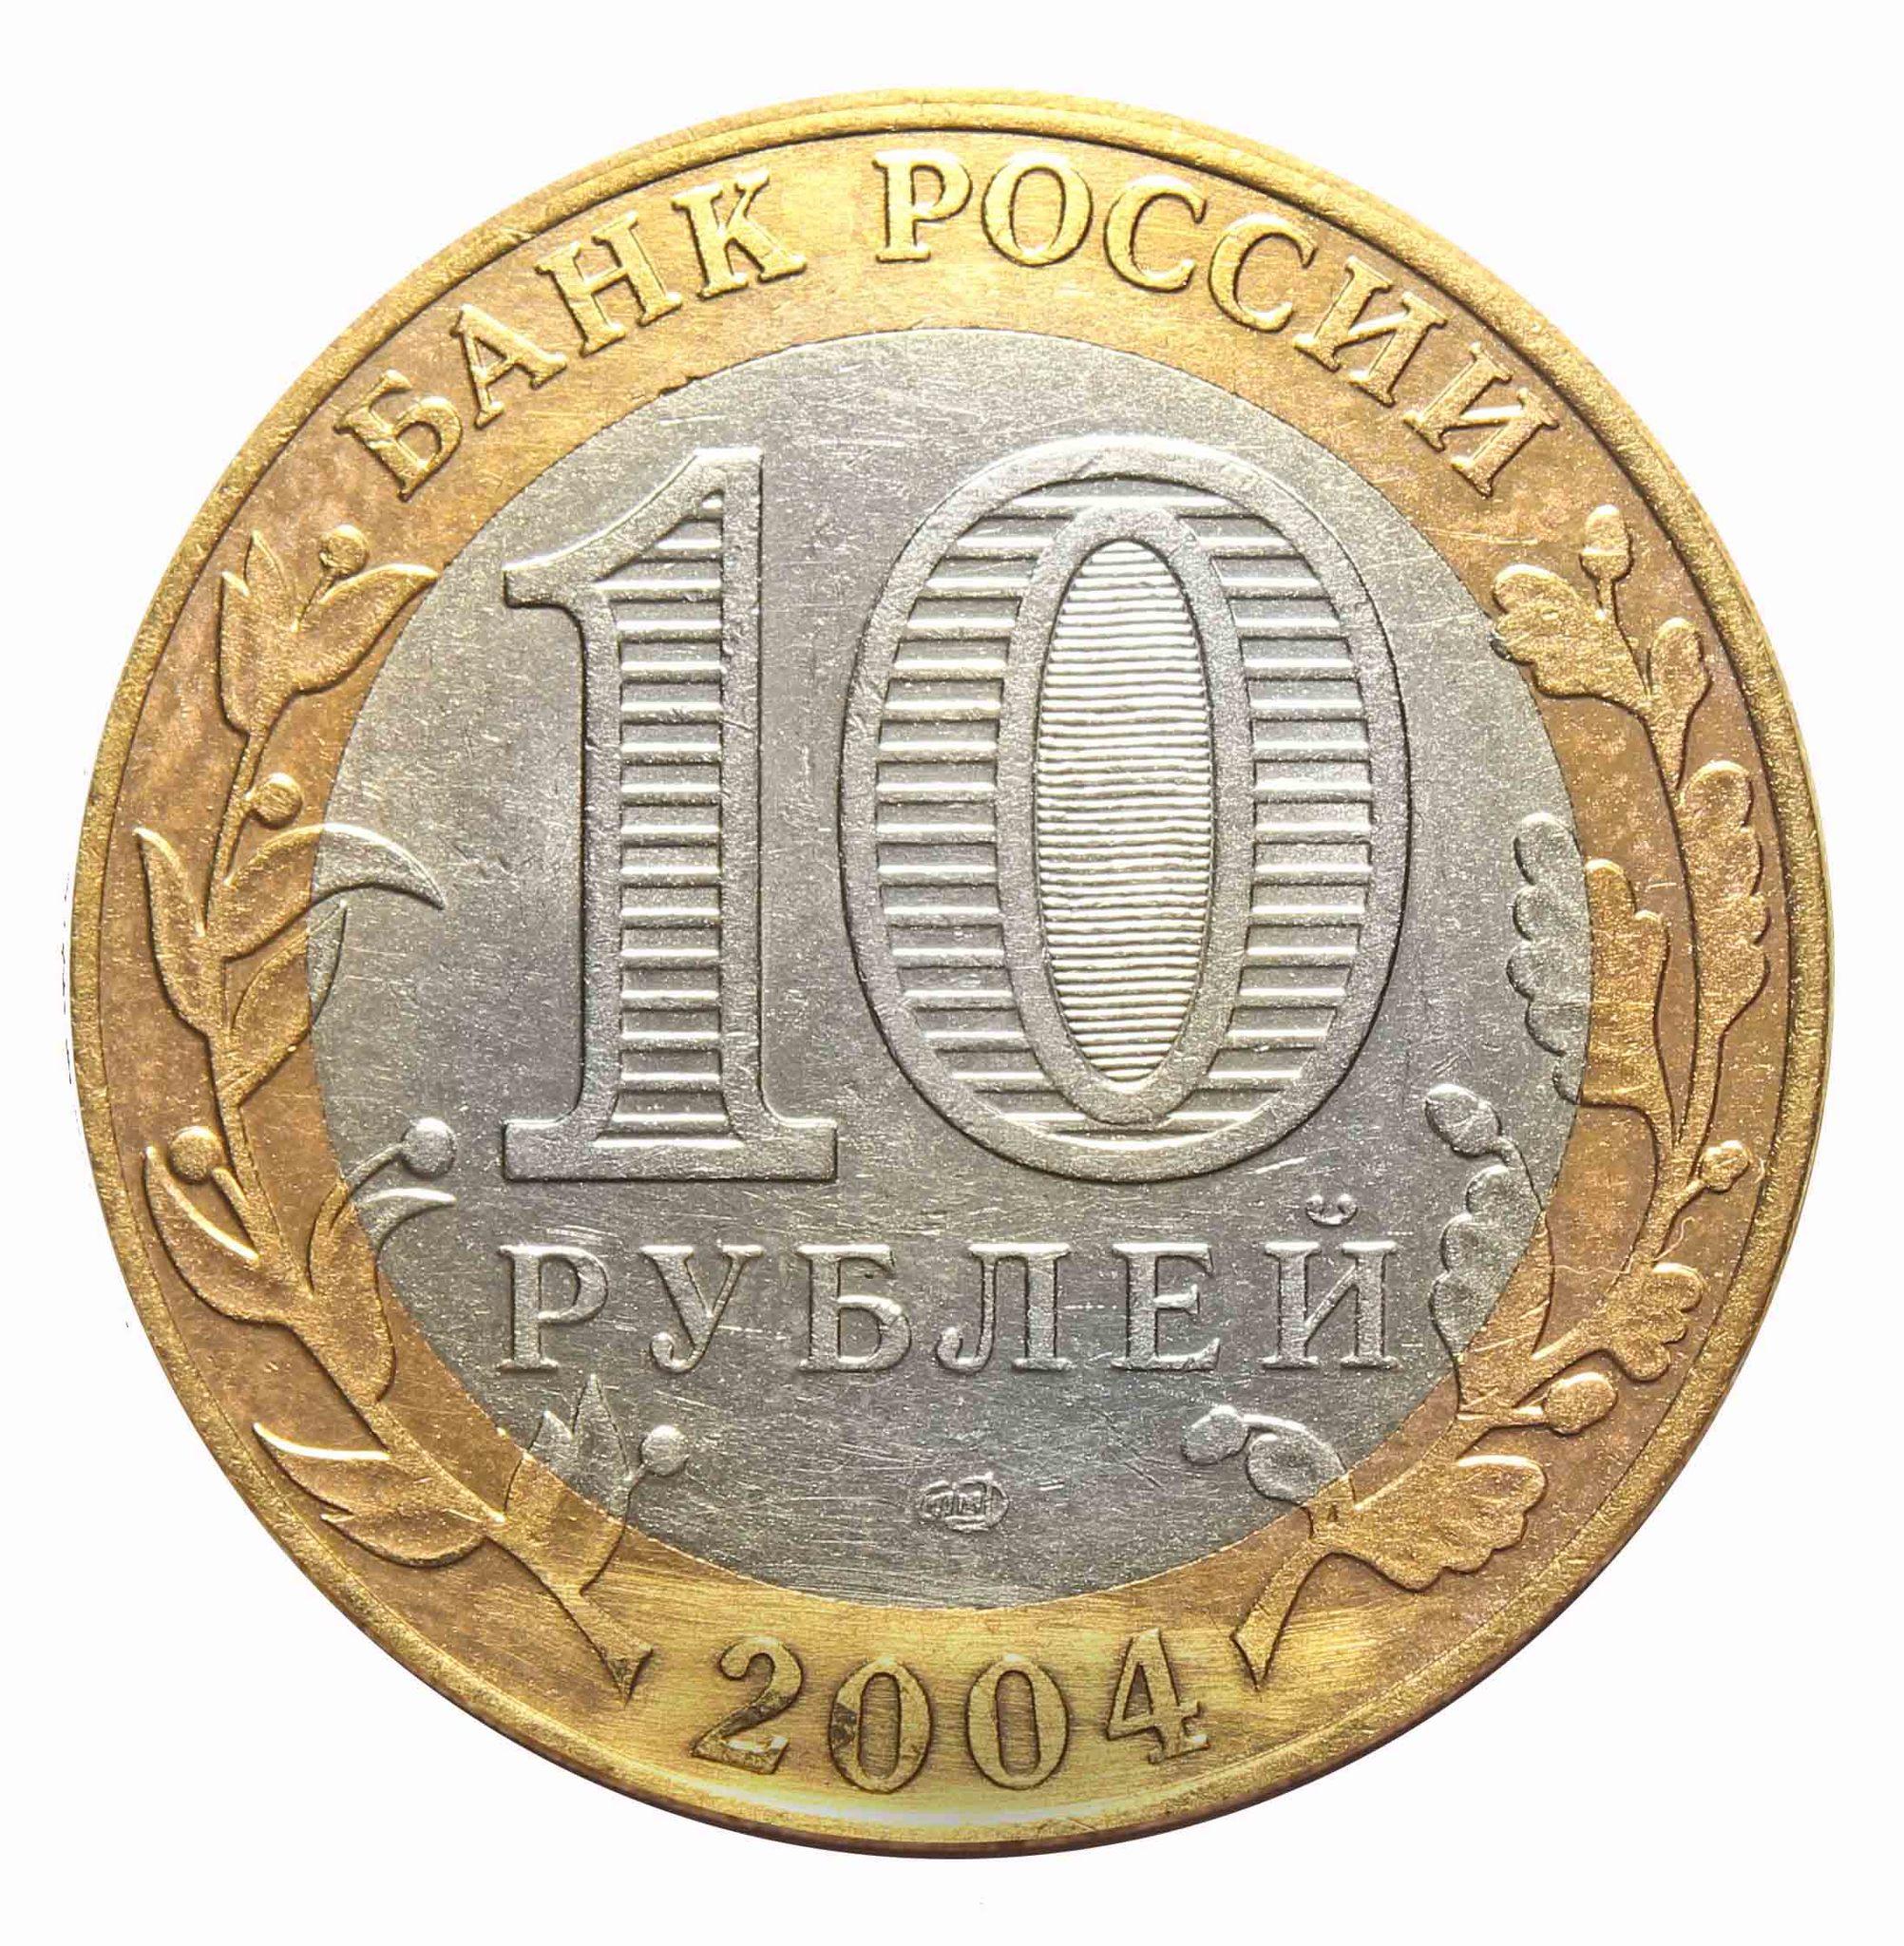 10 рублей Кемь 2004 г